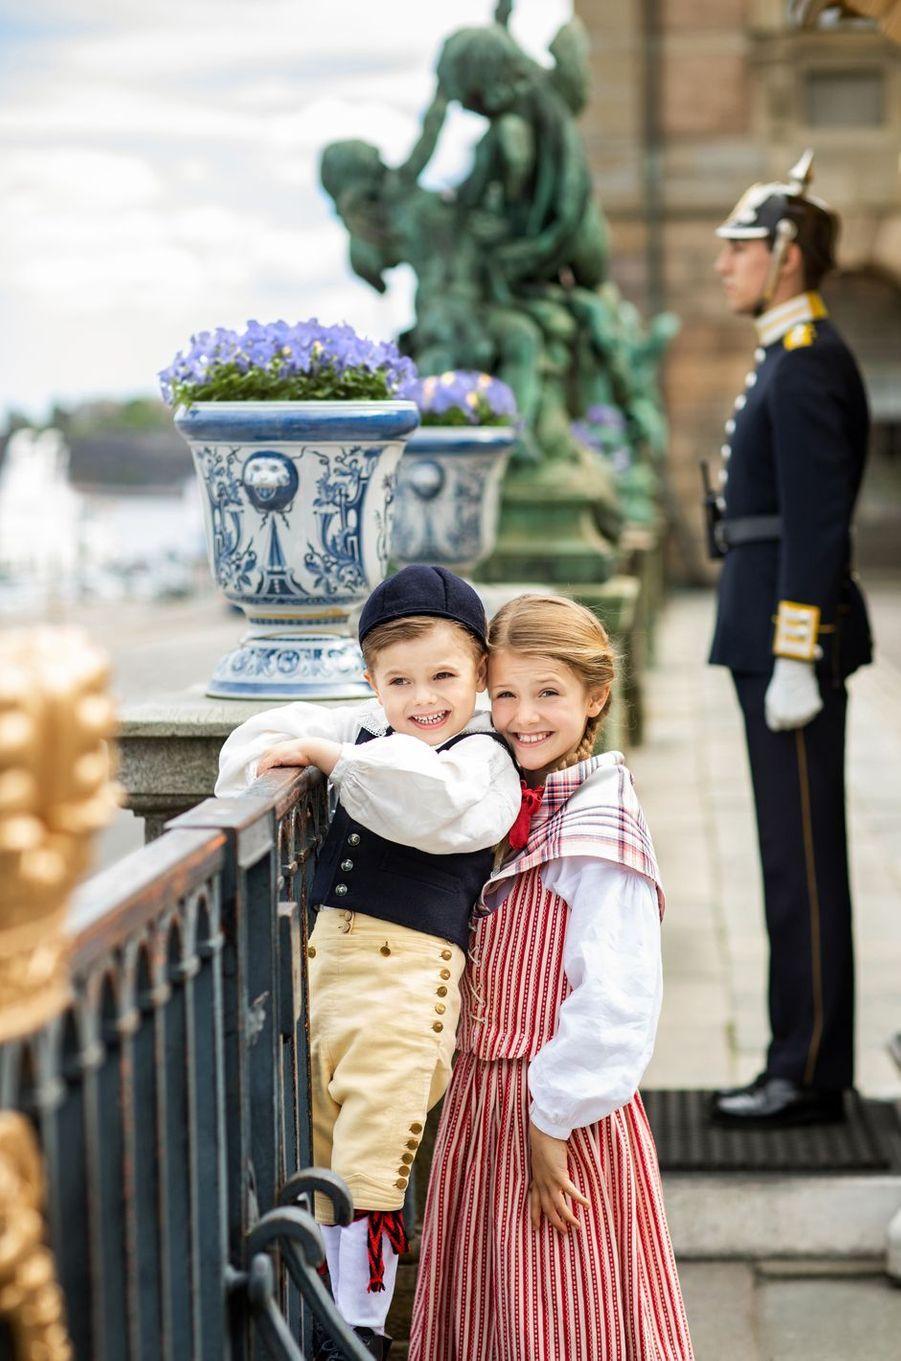 Le prince Oscar et la princesse Estelle de Suède dans la tenue de leur duché respectif à Stockholm, début juin 2020